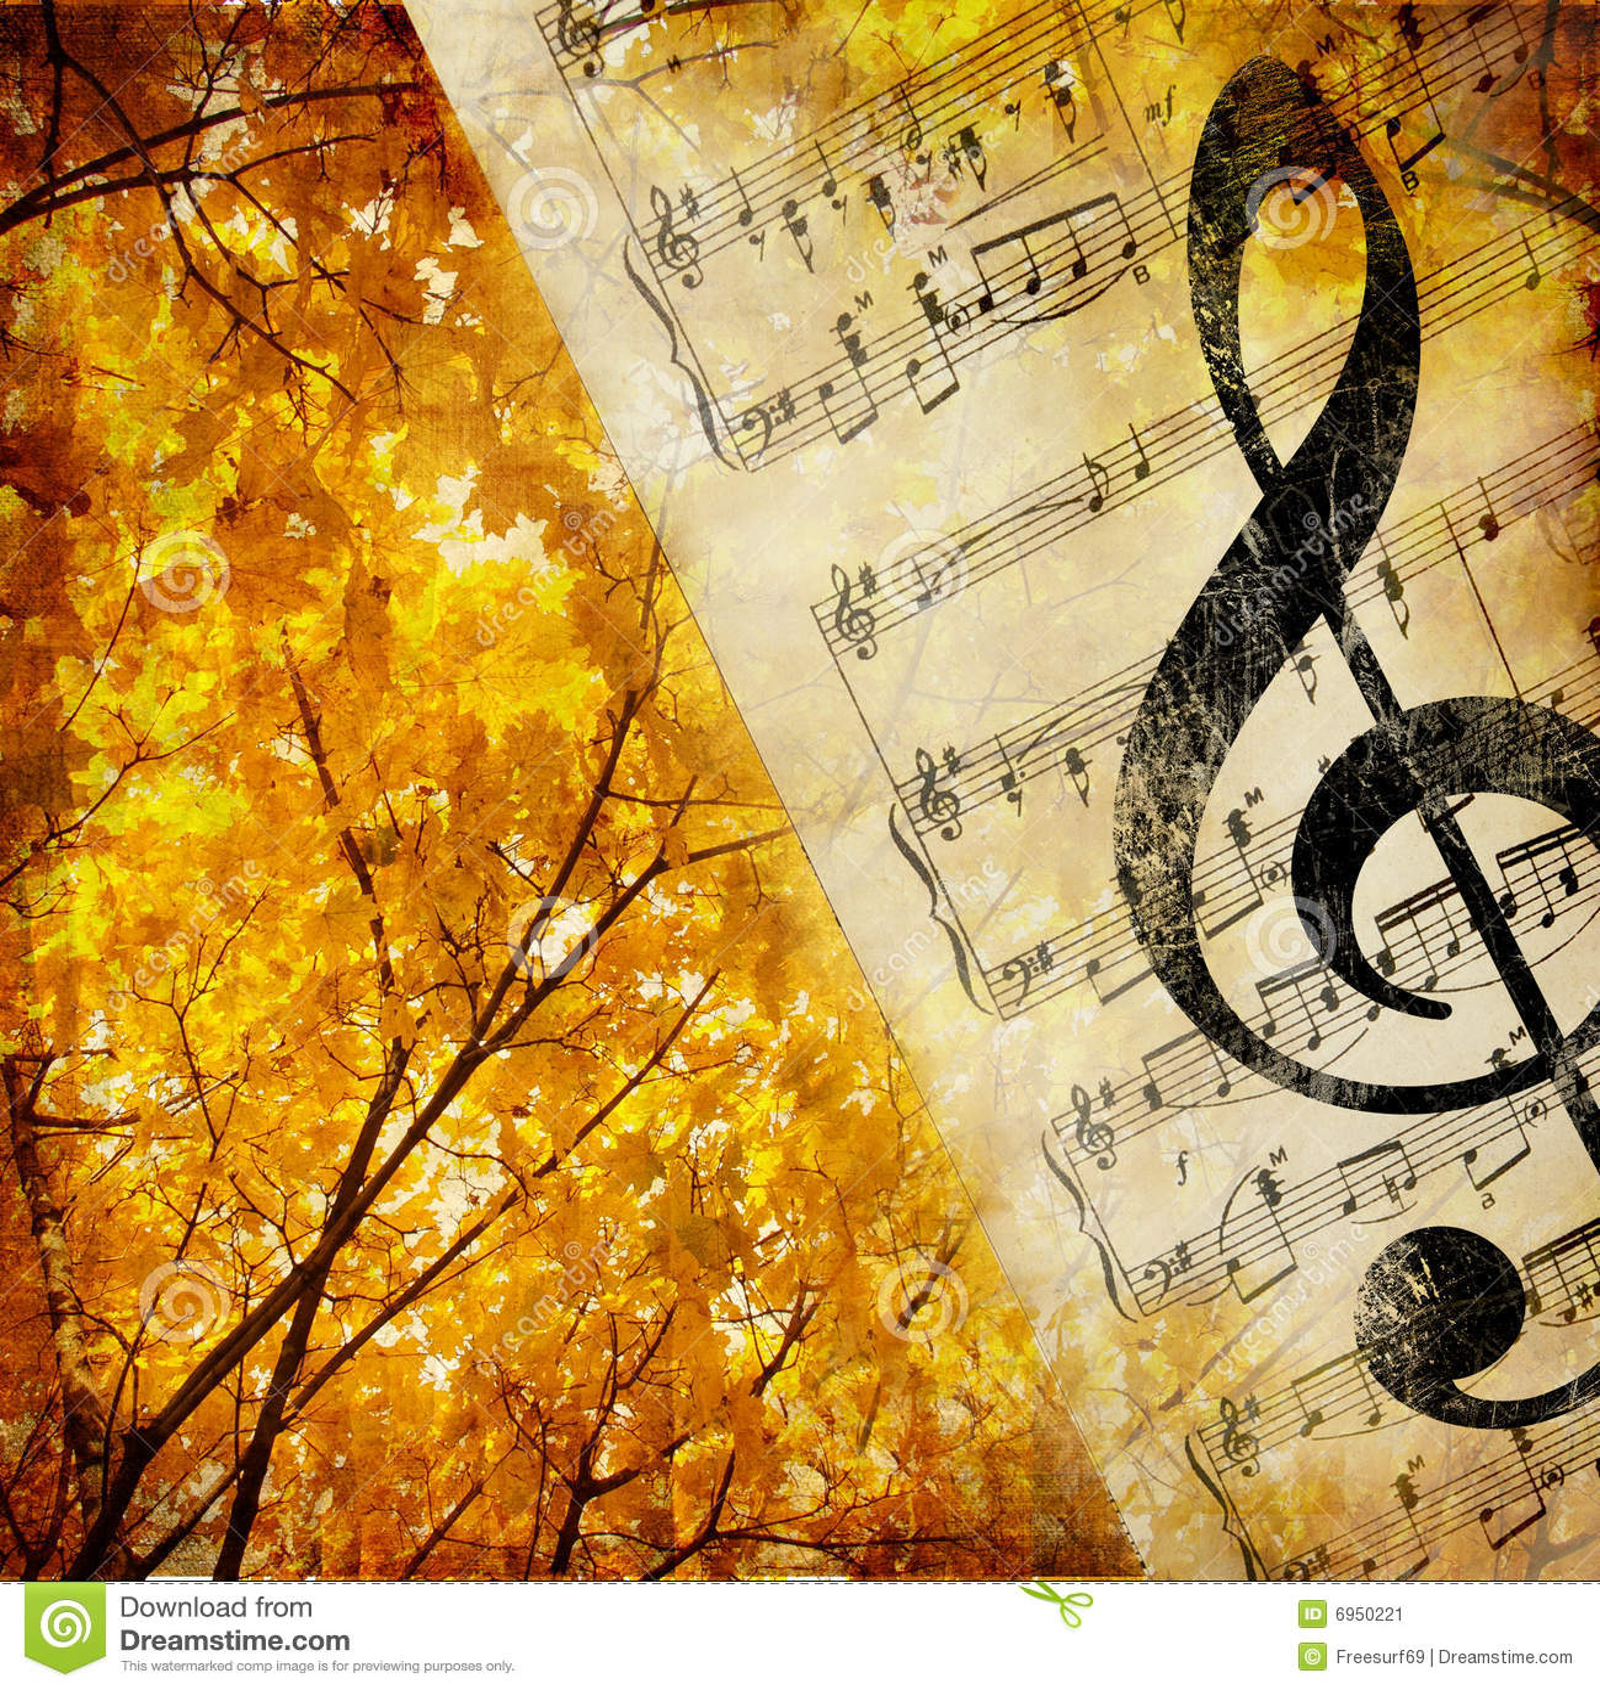 Fall Leaves Watercolor Wallpaper Herbstmusik Stockbild Bild 6950221